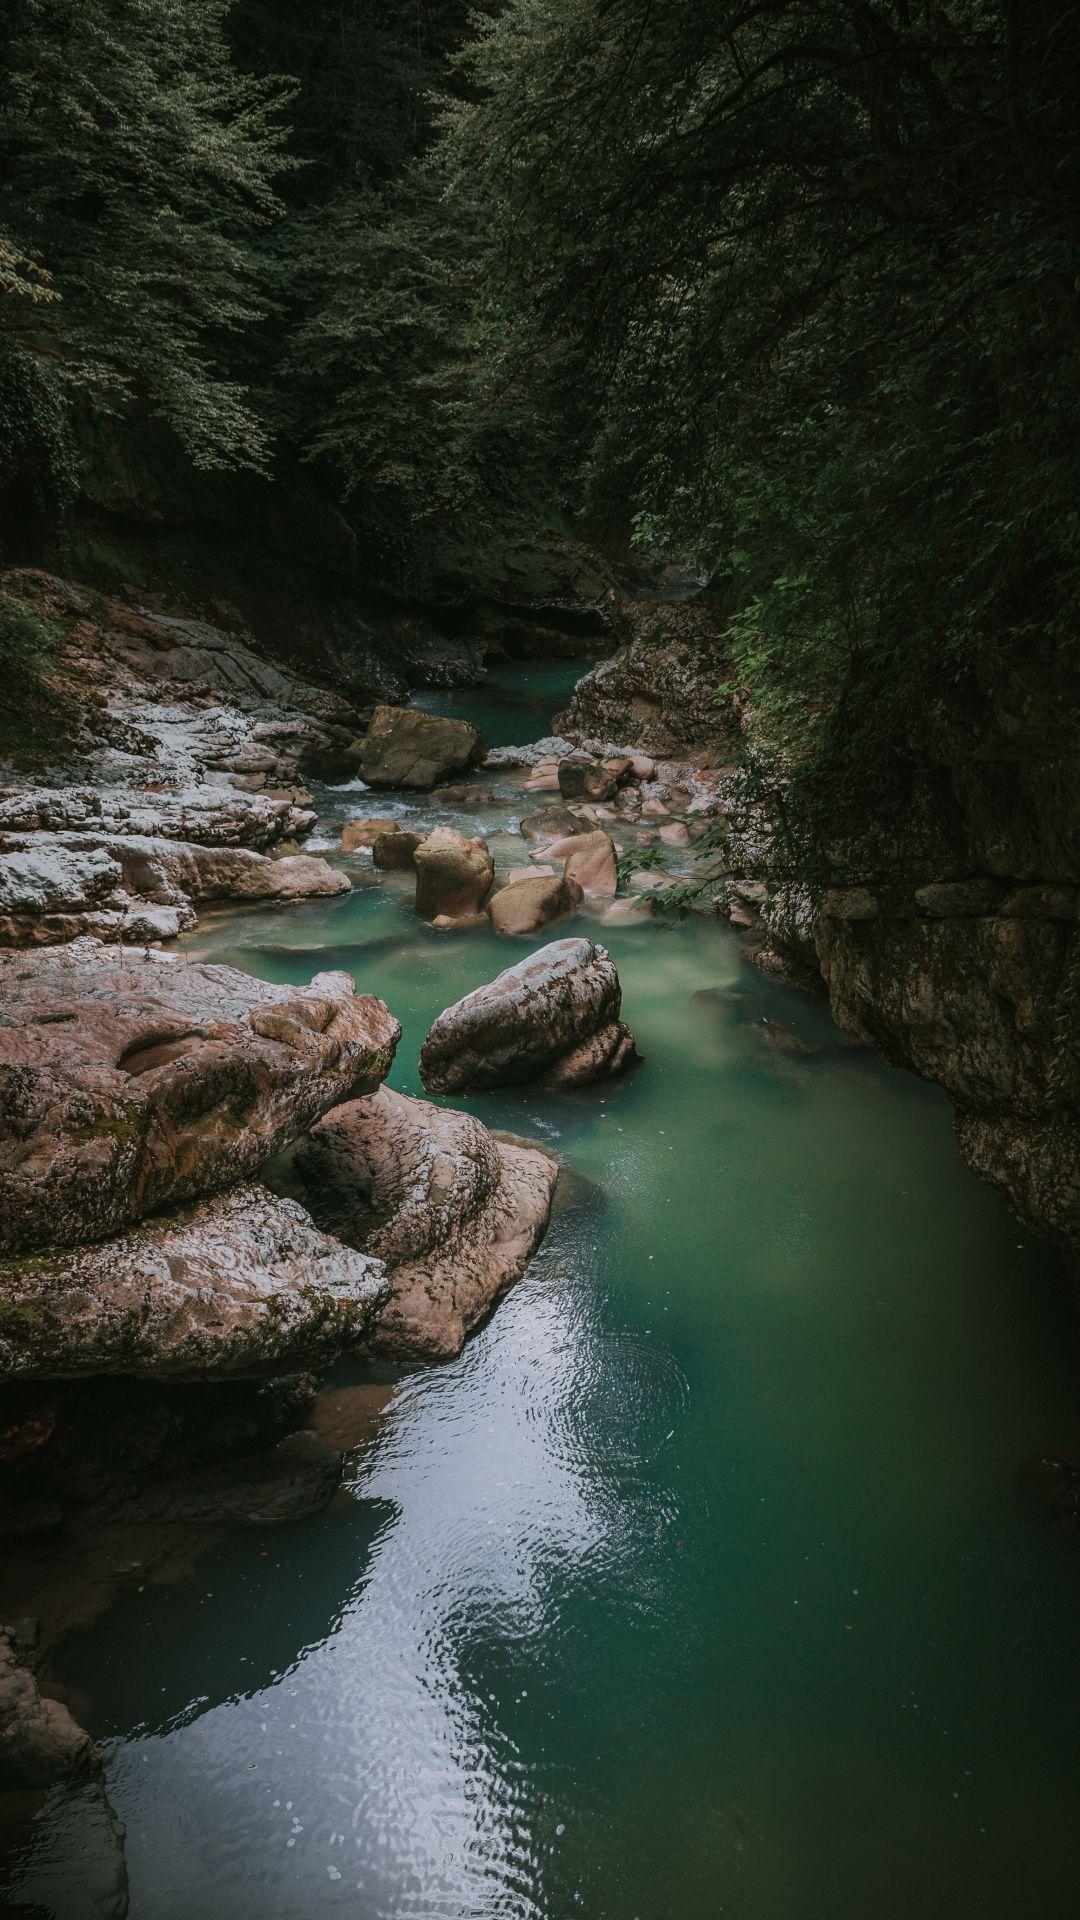 Martvili Canyon Hd